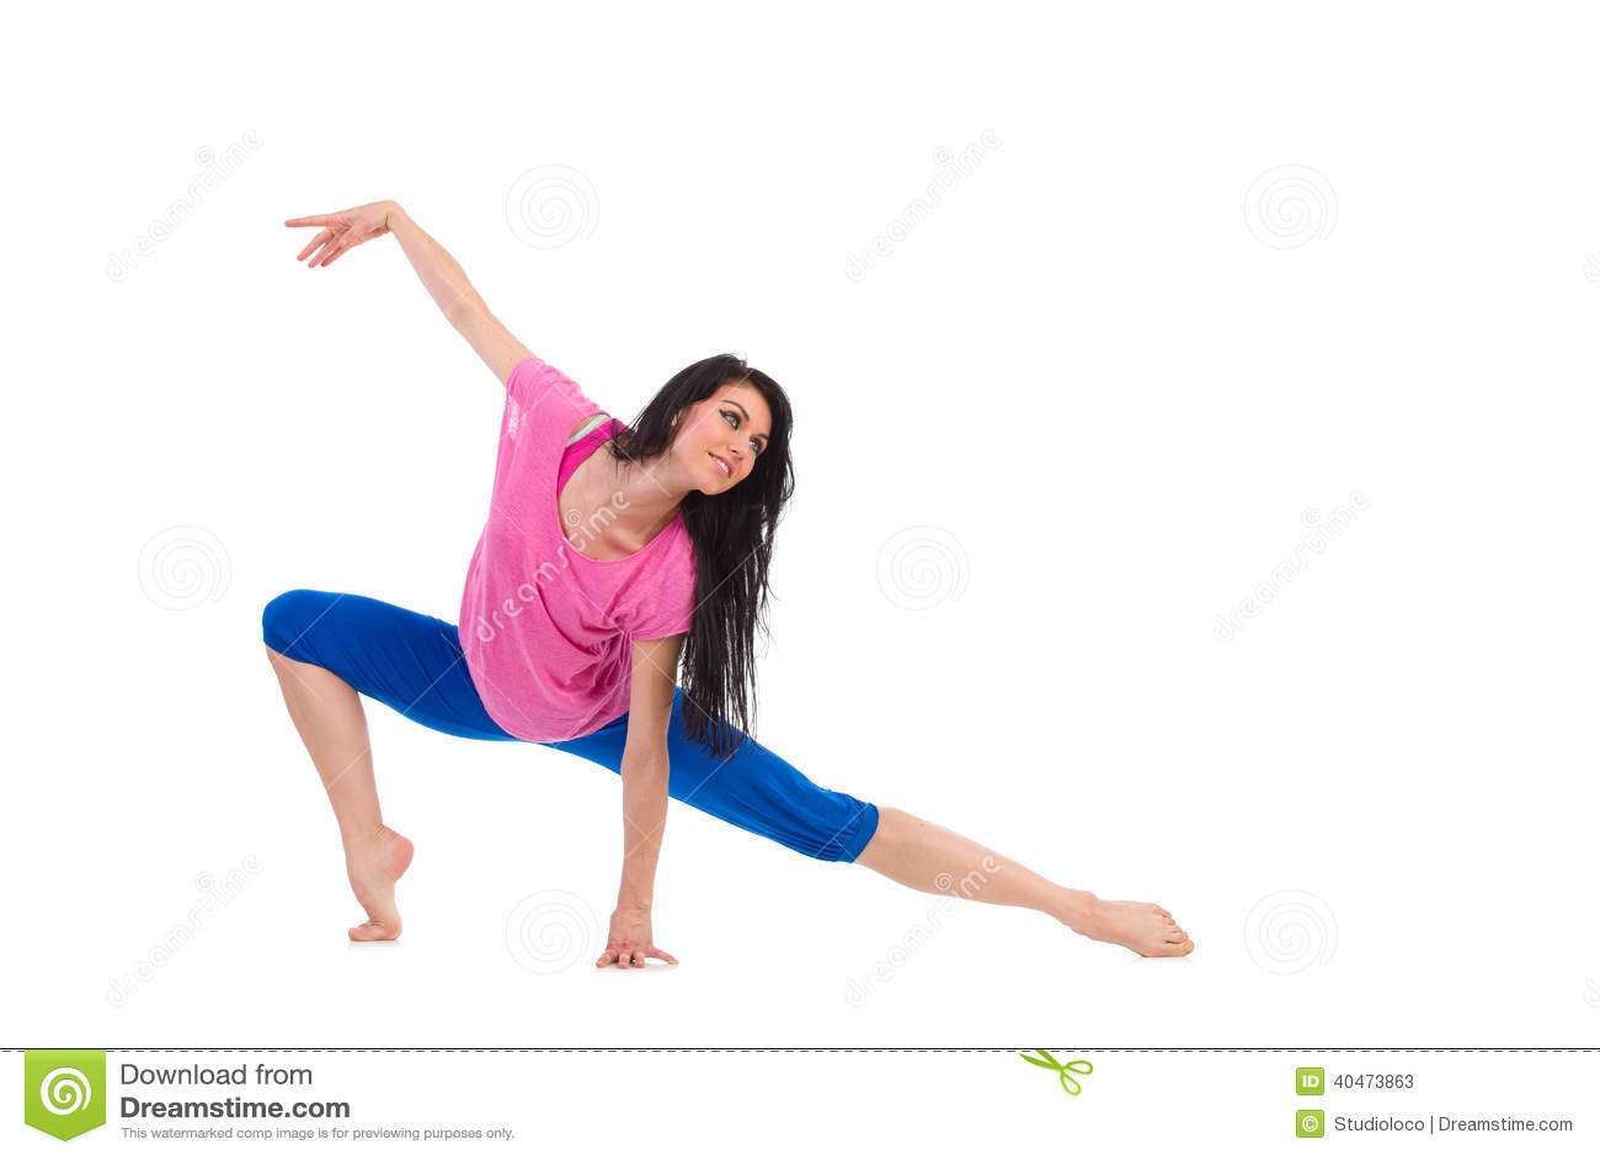 jazz dancer stock image image of exercise barefoot